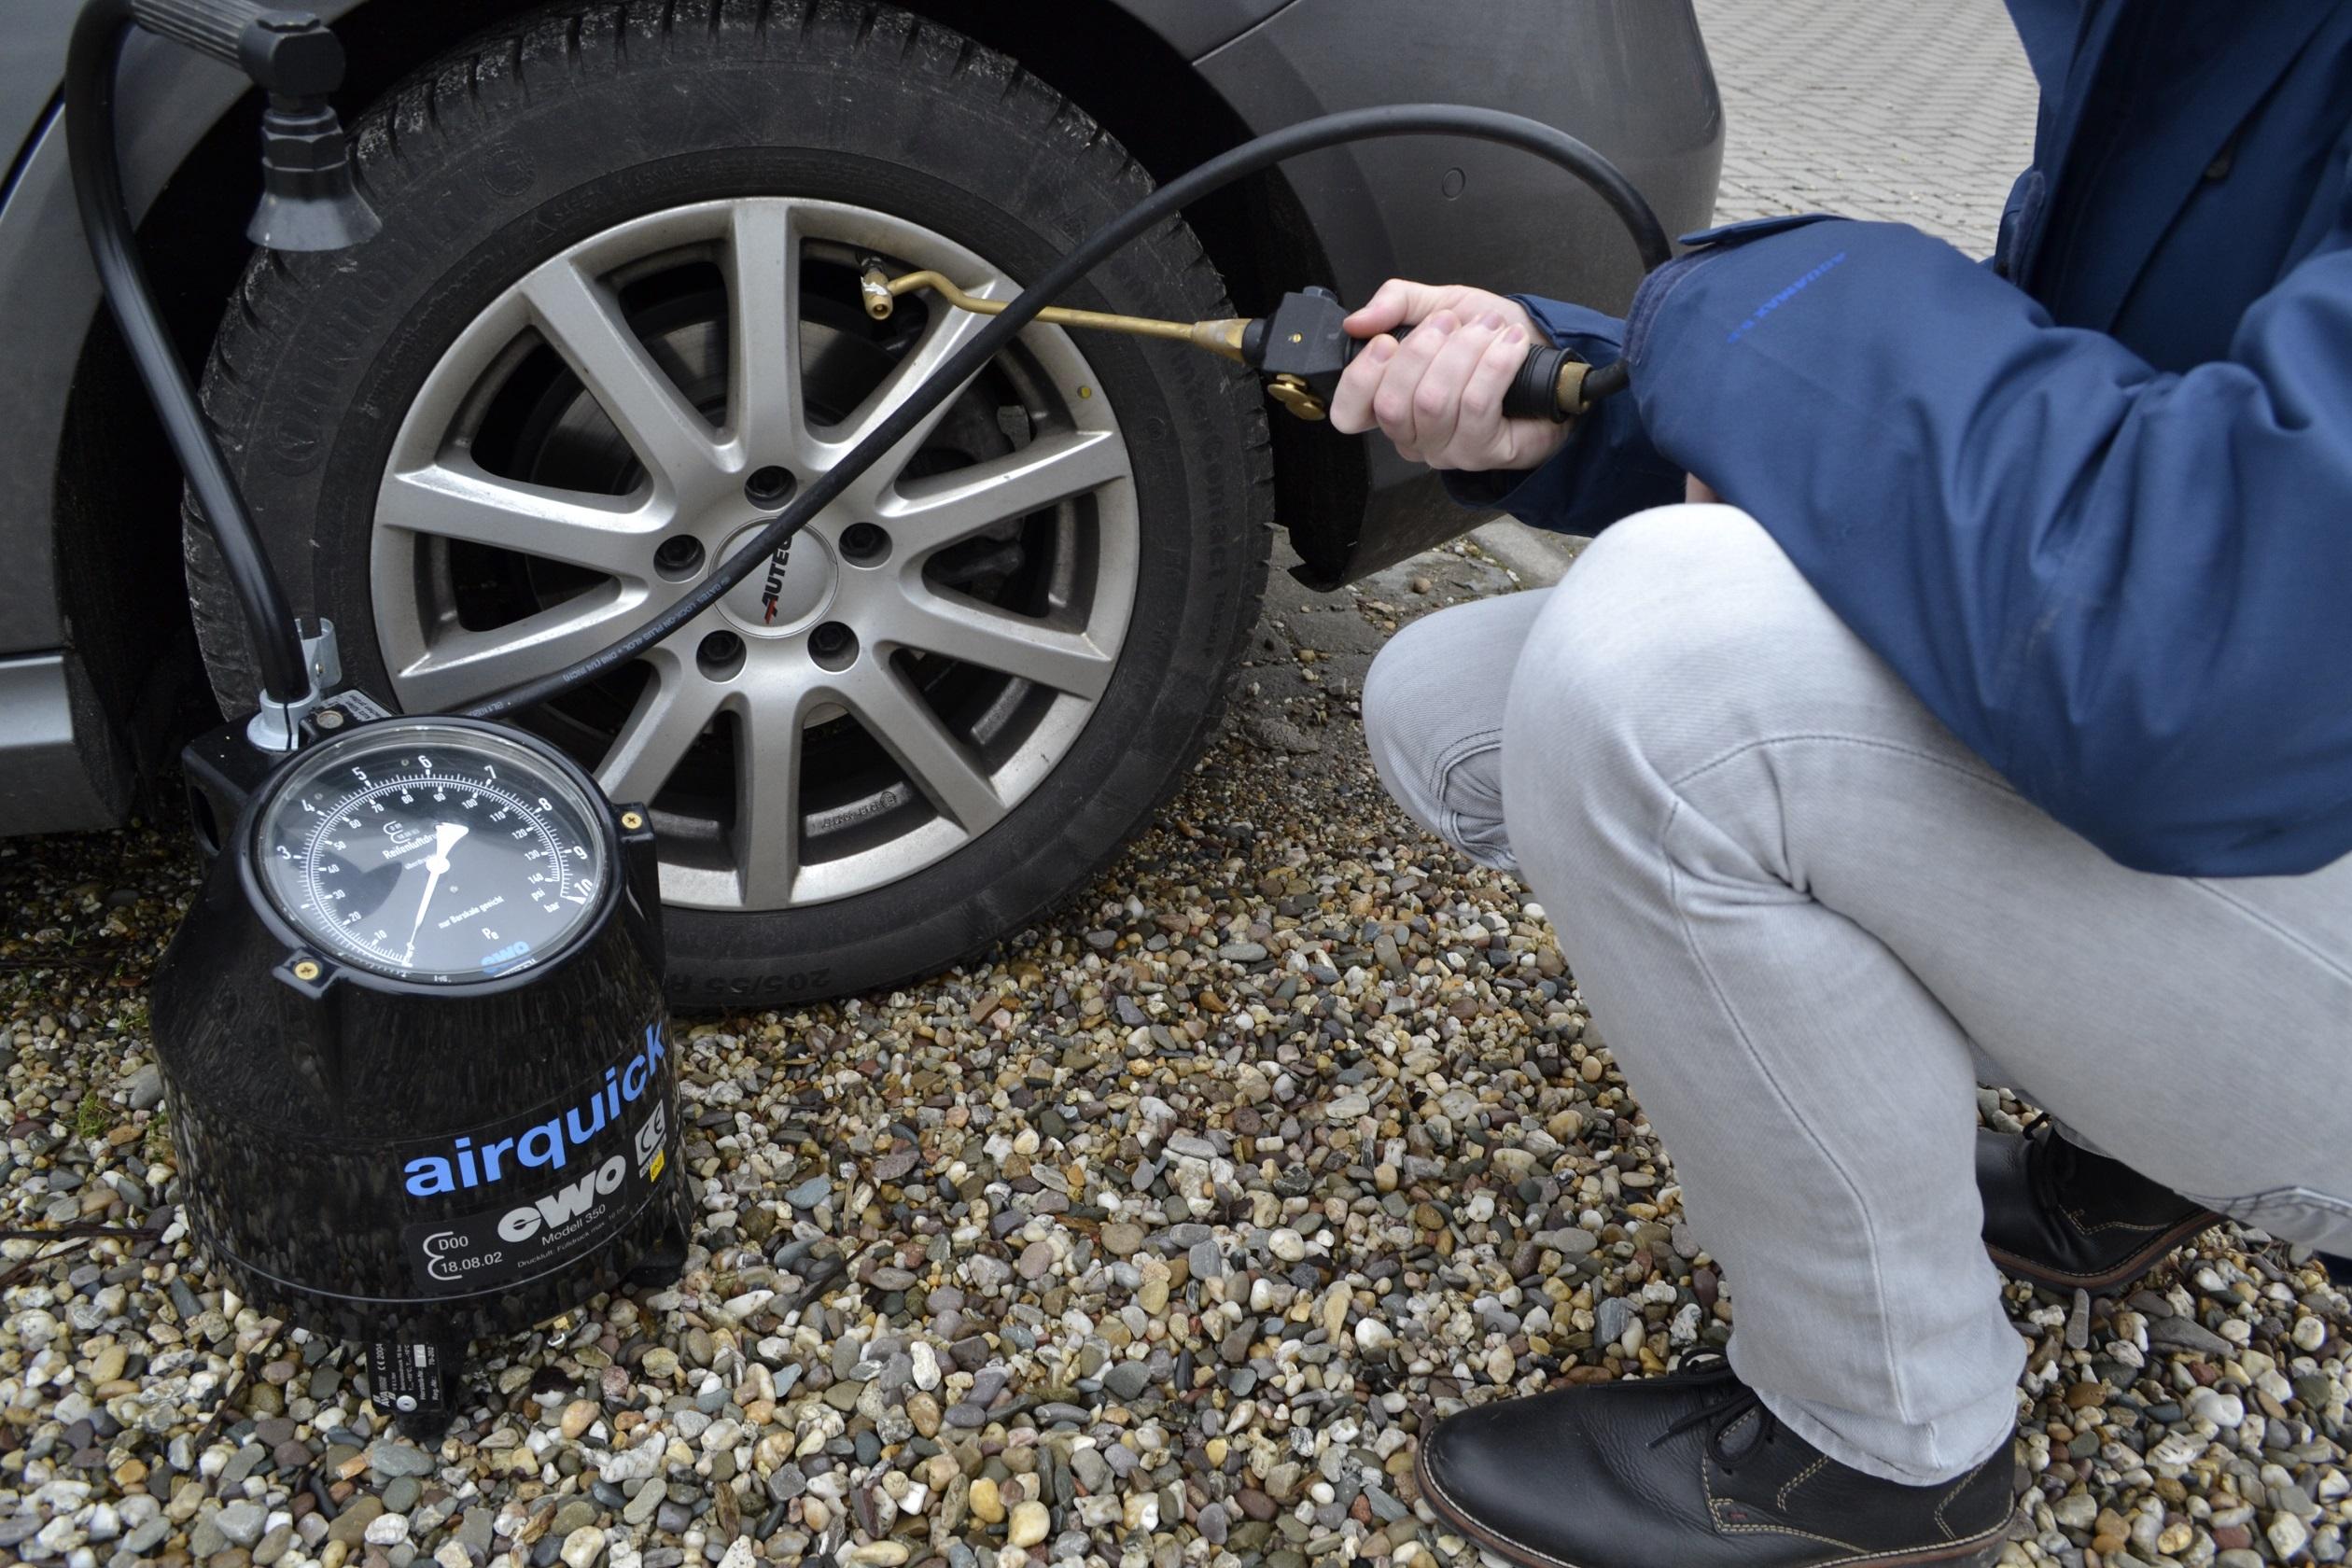 Reifendruck, ein Reifencheck selbst gemacht ist schnell erledigt Bildquelle: reifenqualitaet.de